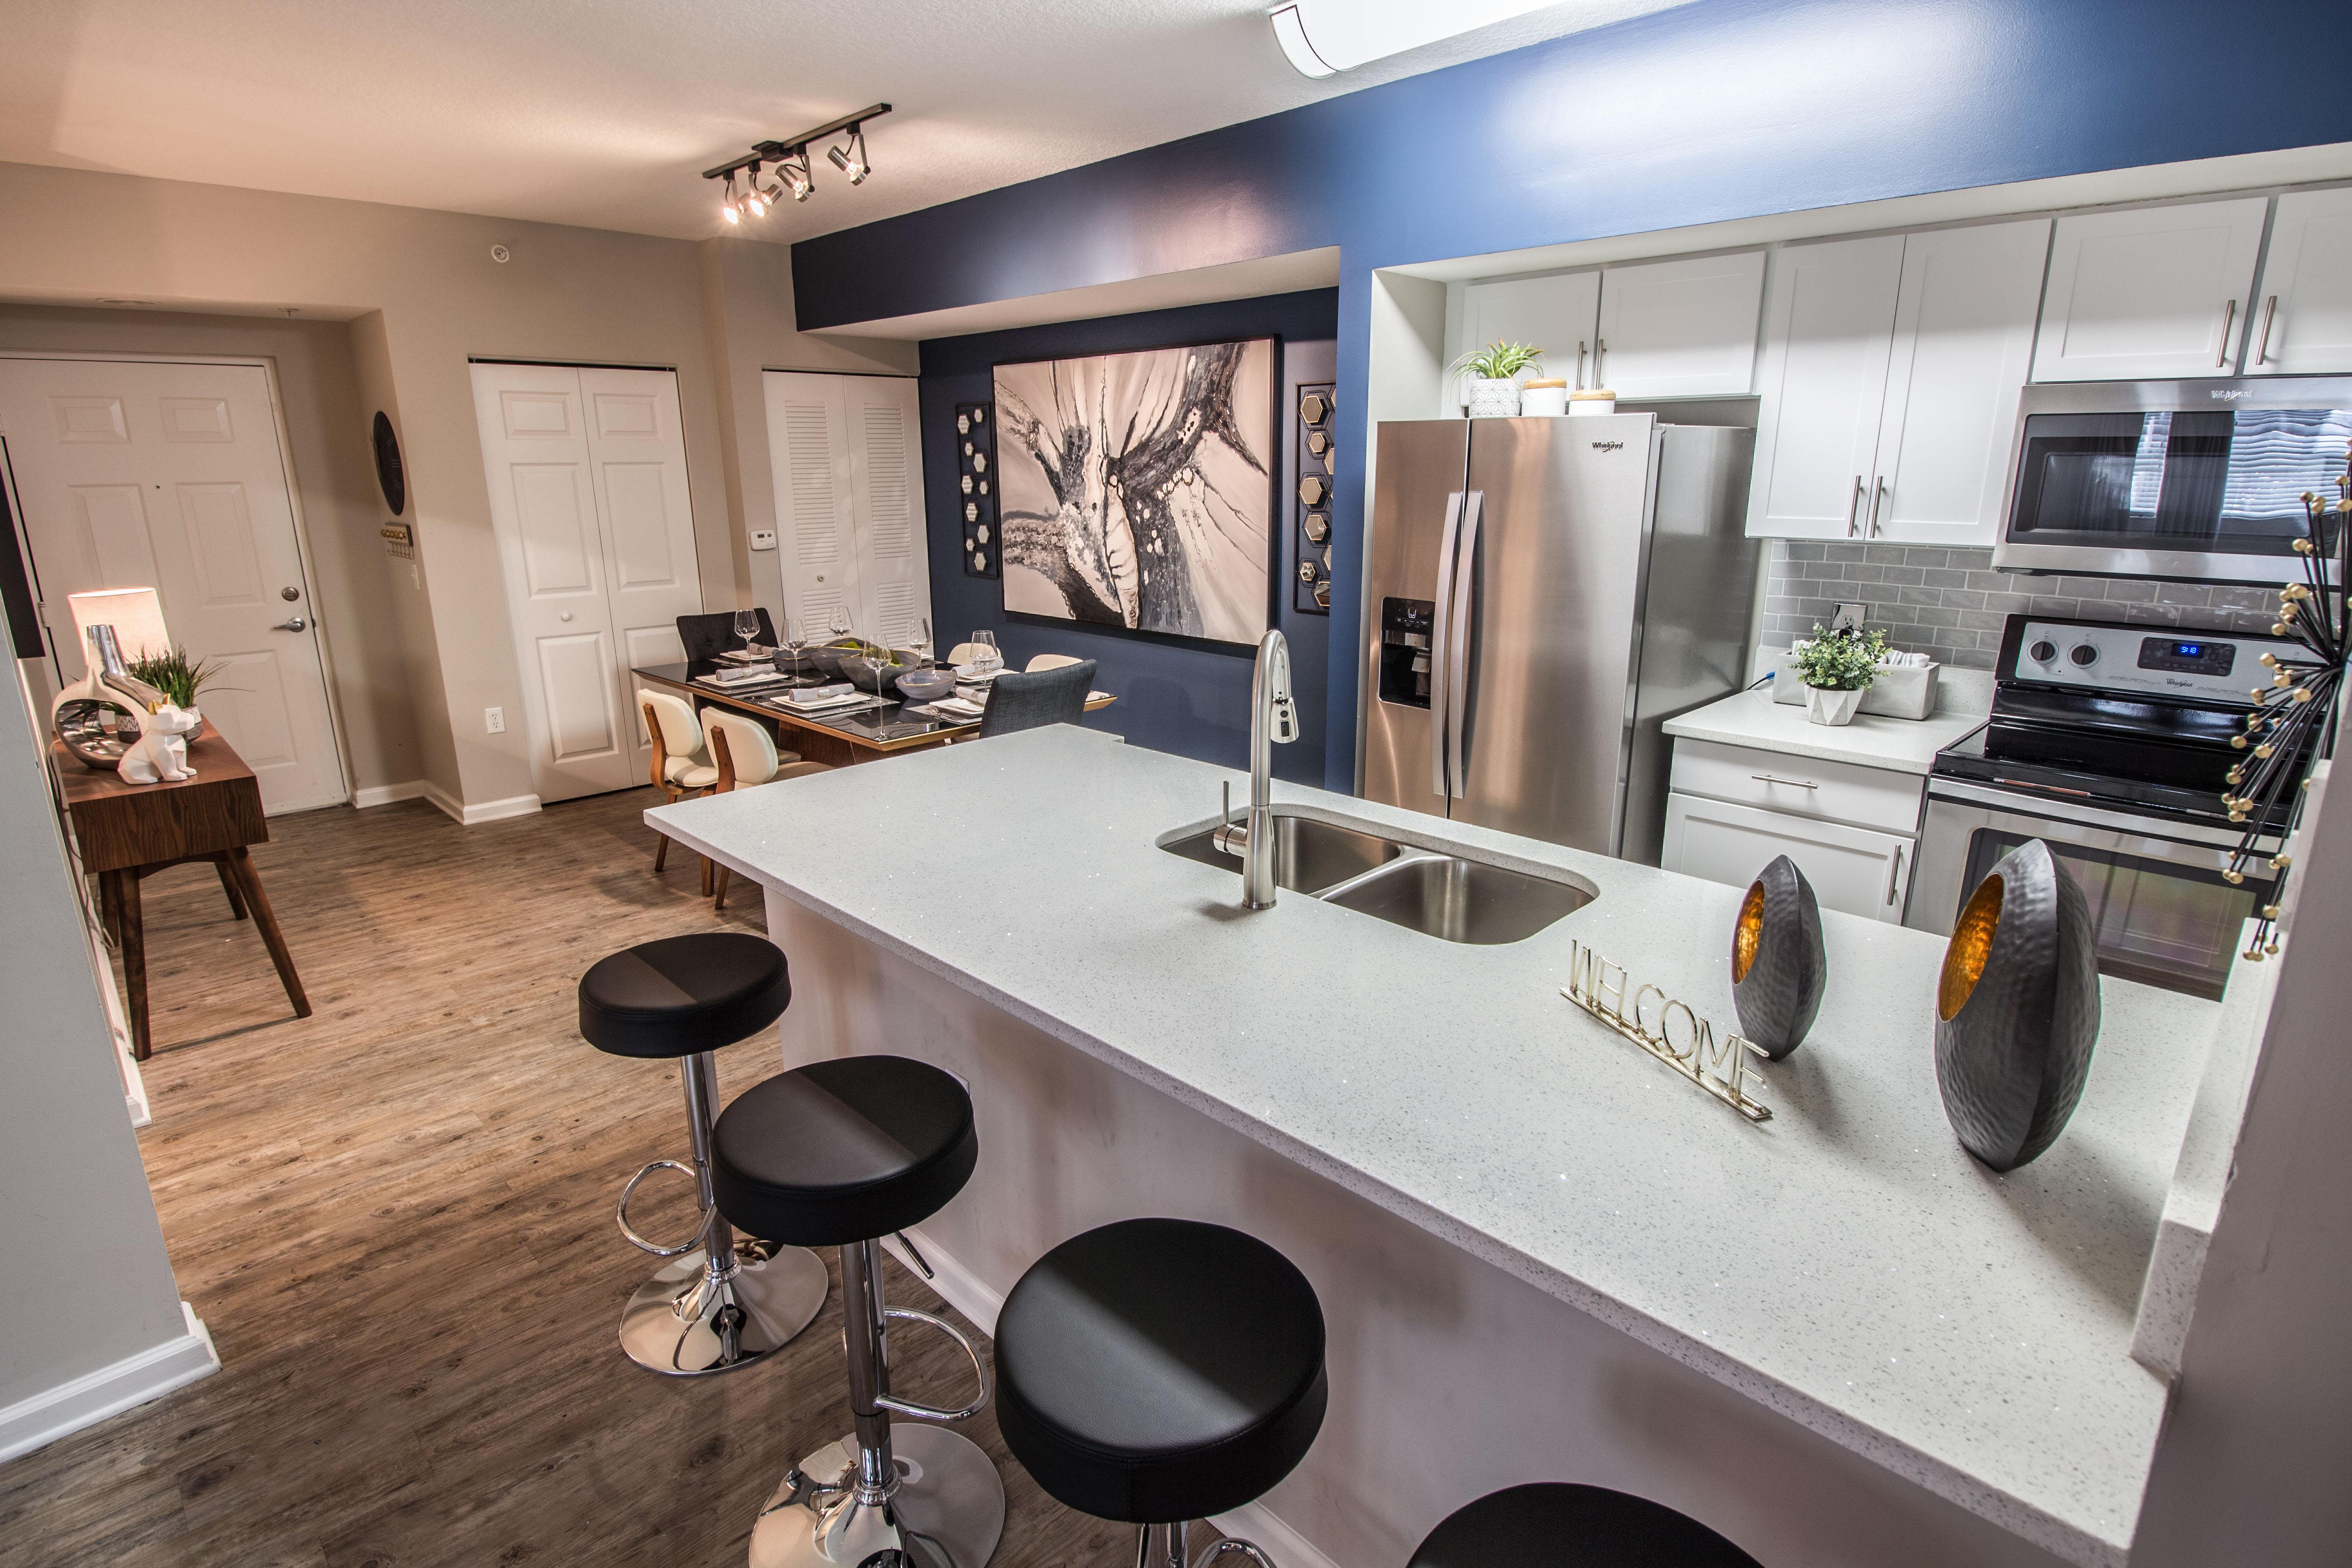 The Marin reviews | Apartments at 3880 W Broward Blvd - Plantation FL